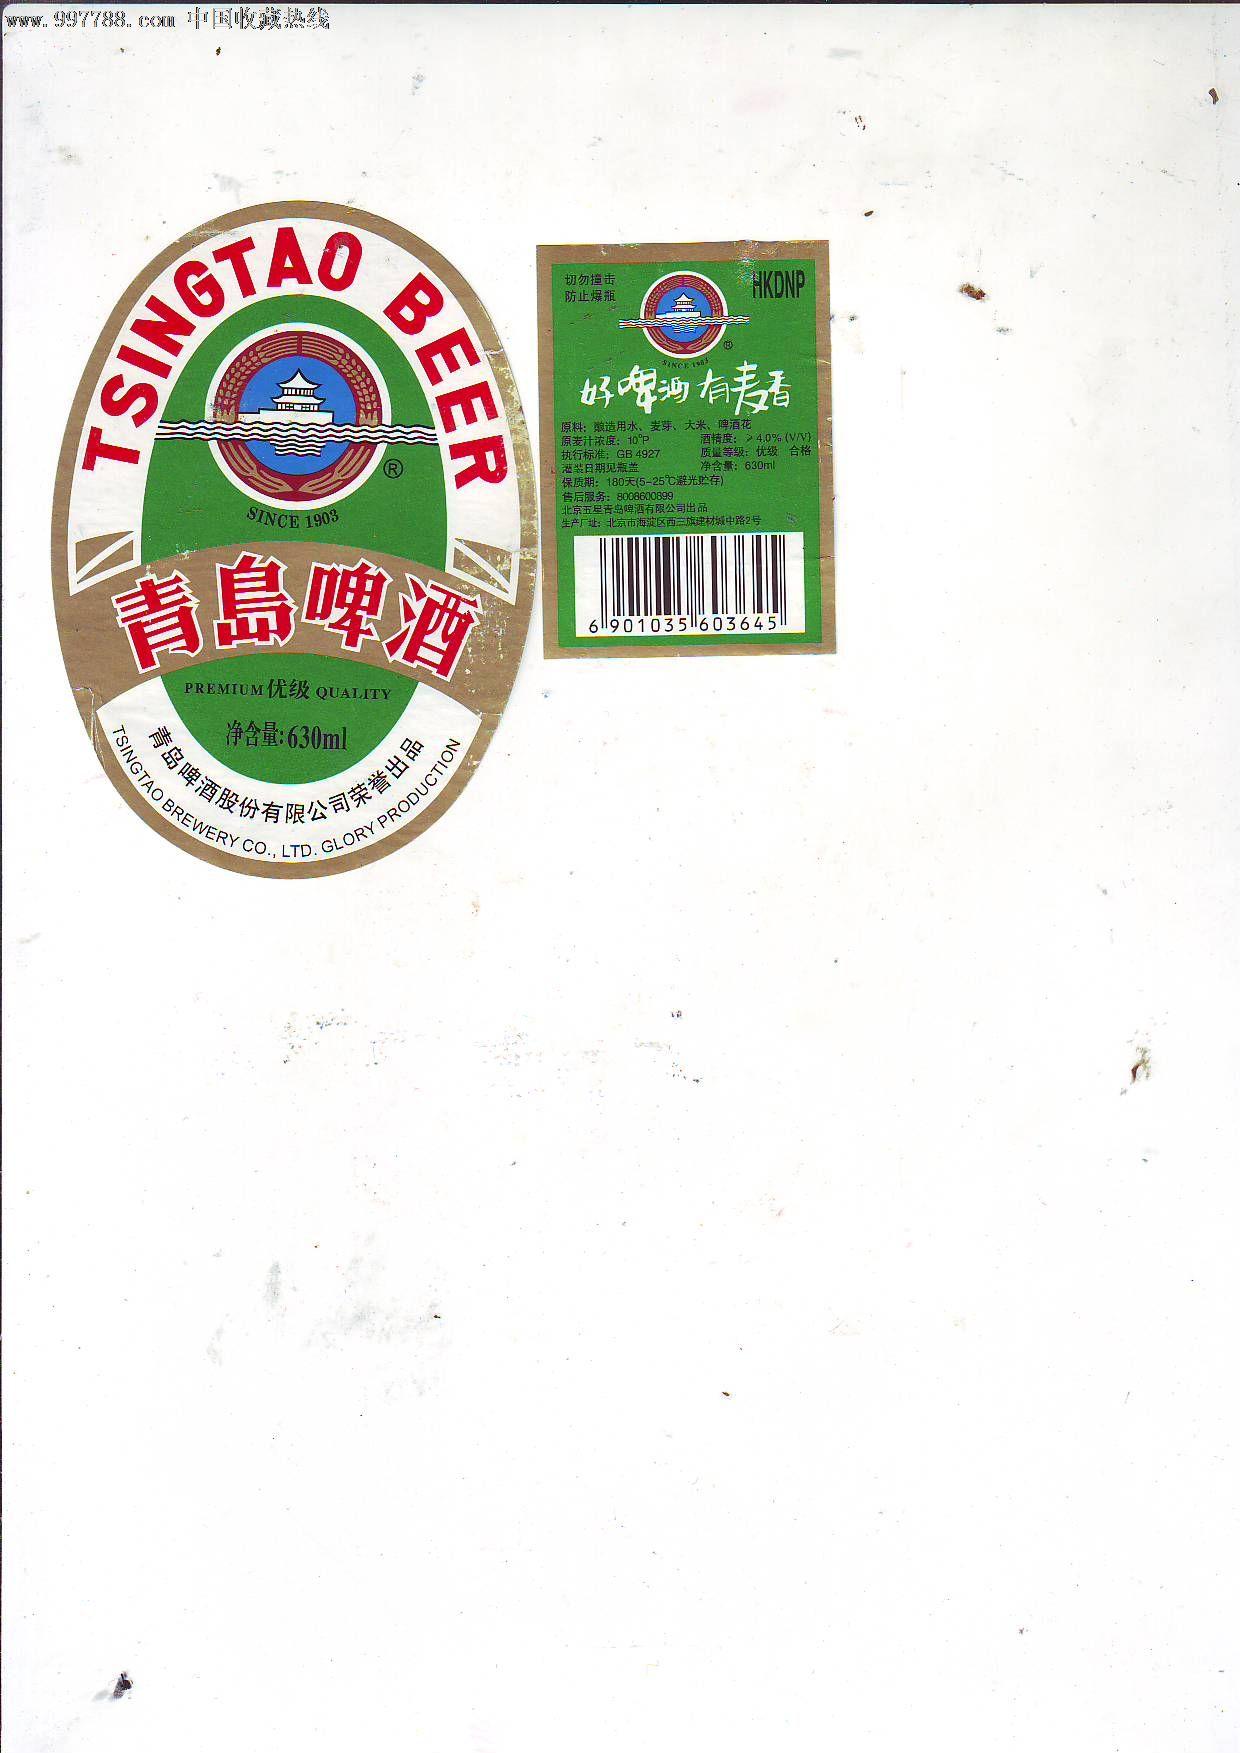 青岛啤酒-酒标--se14444366-零售-7788收藏__中国收藏